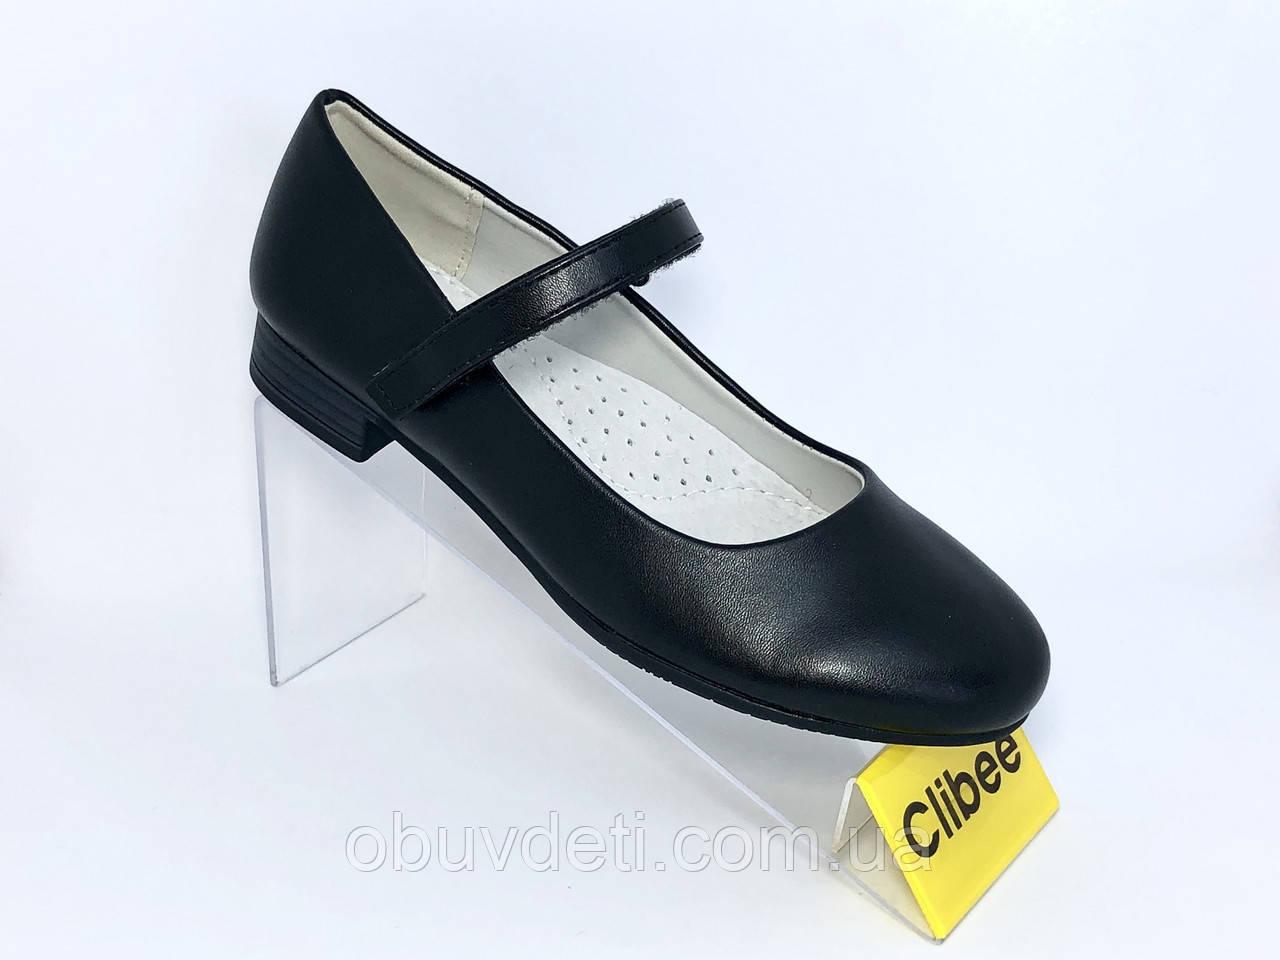 Качественные туфли   для школы 34 - 22.5 см  для девочек clibee